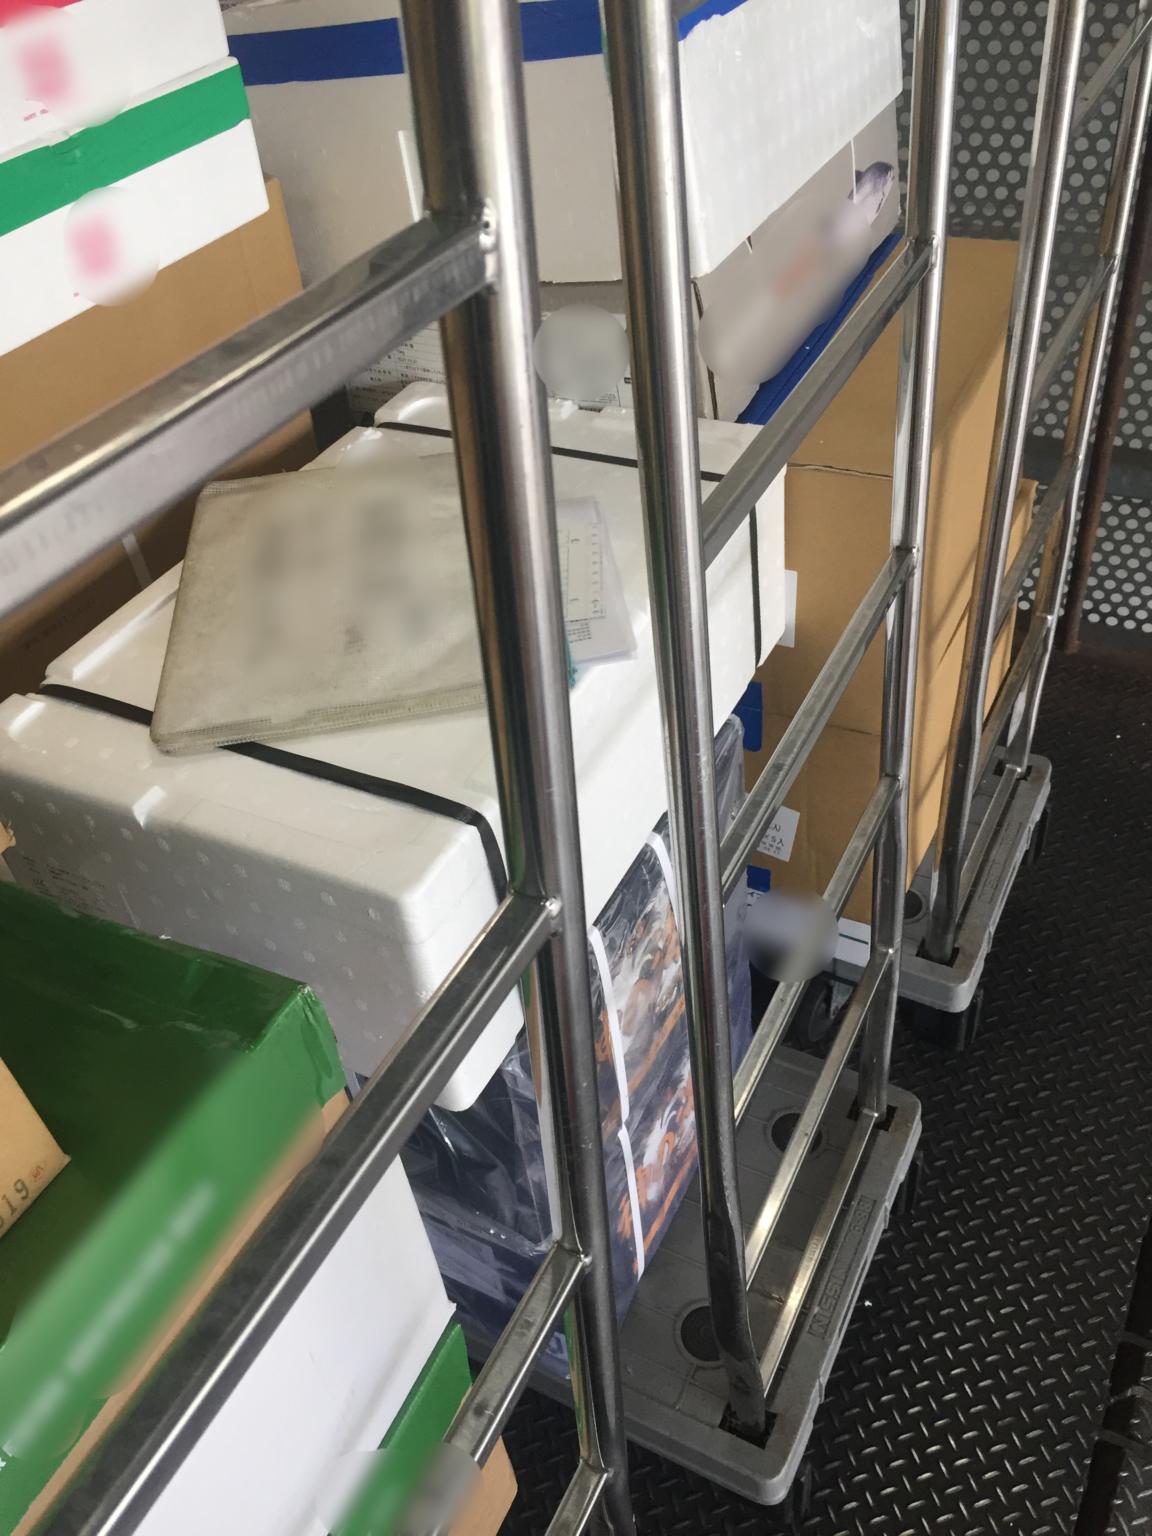 店舗配送を軽貨物の配送専門ブログで語る。